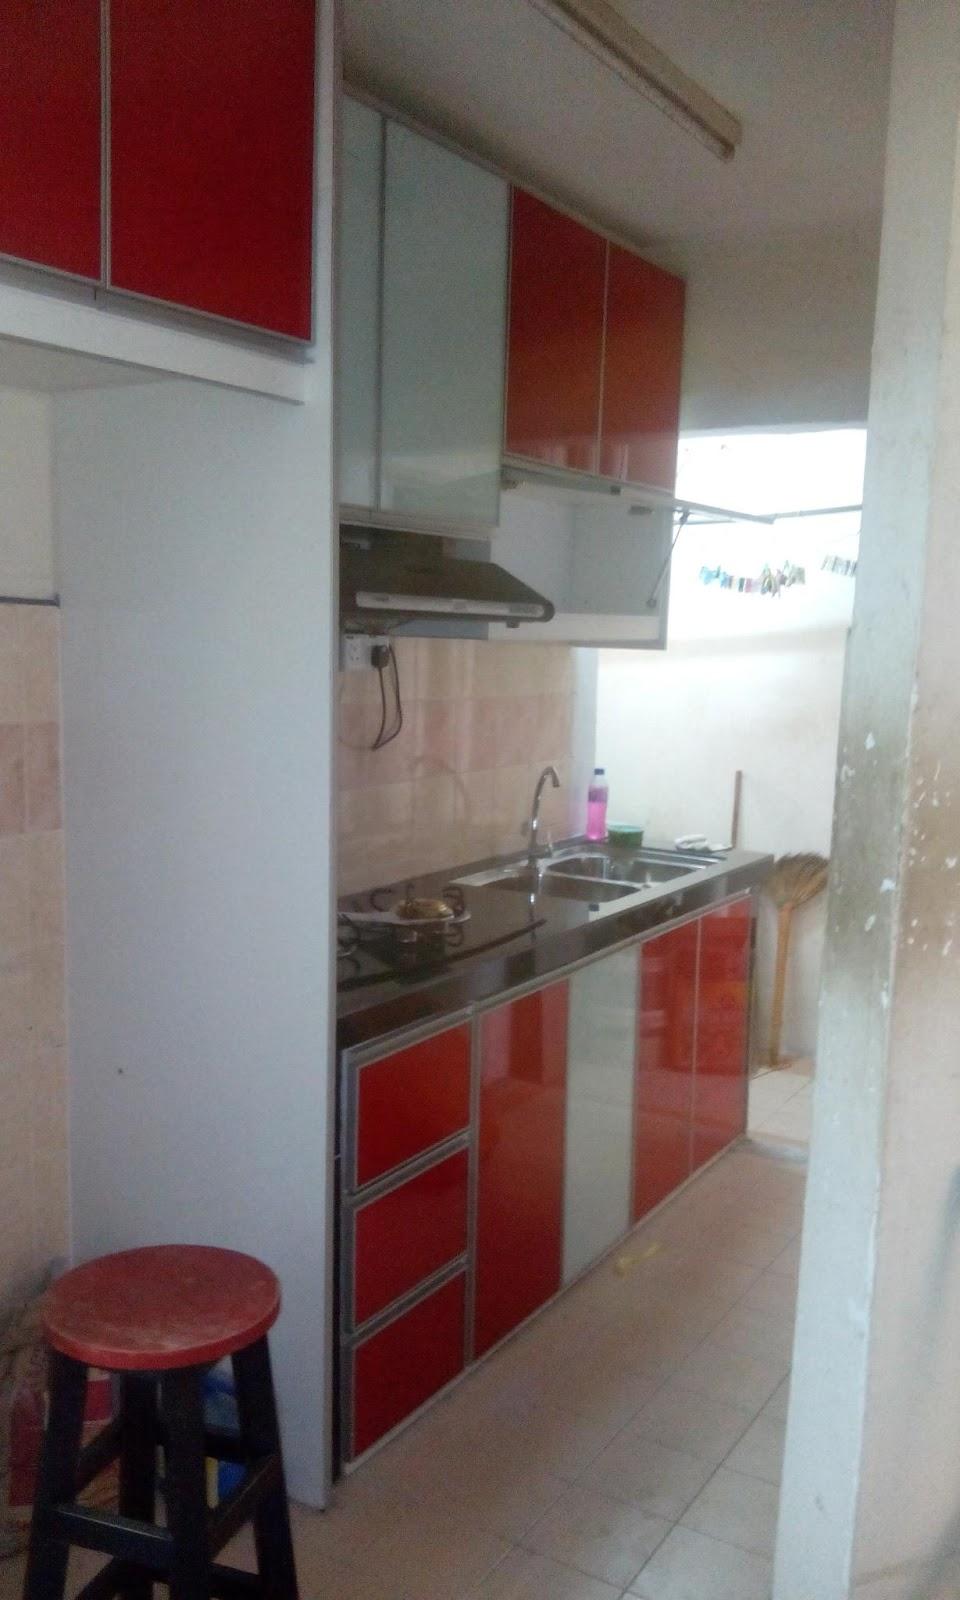 Kabinet Dapur Rumah Flat Ppr